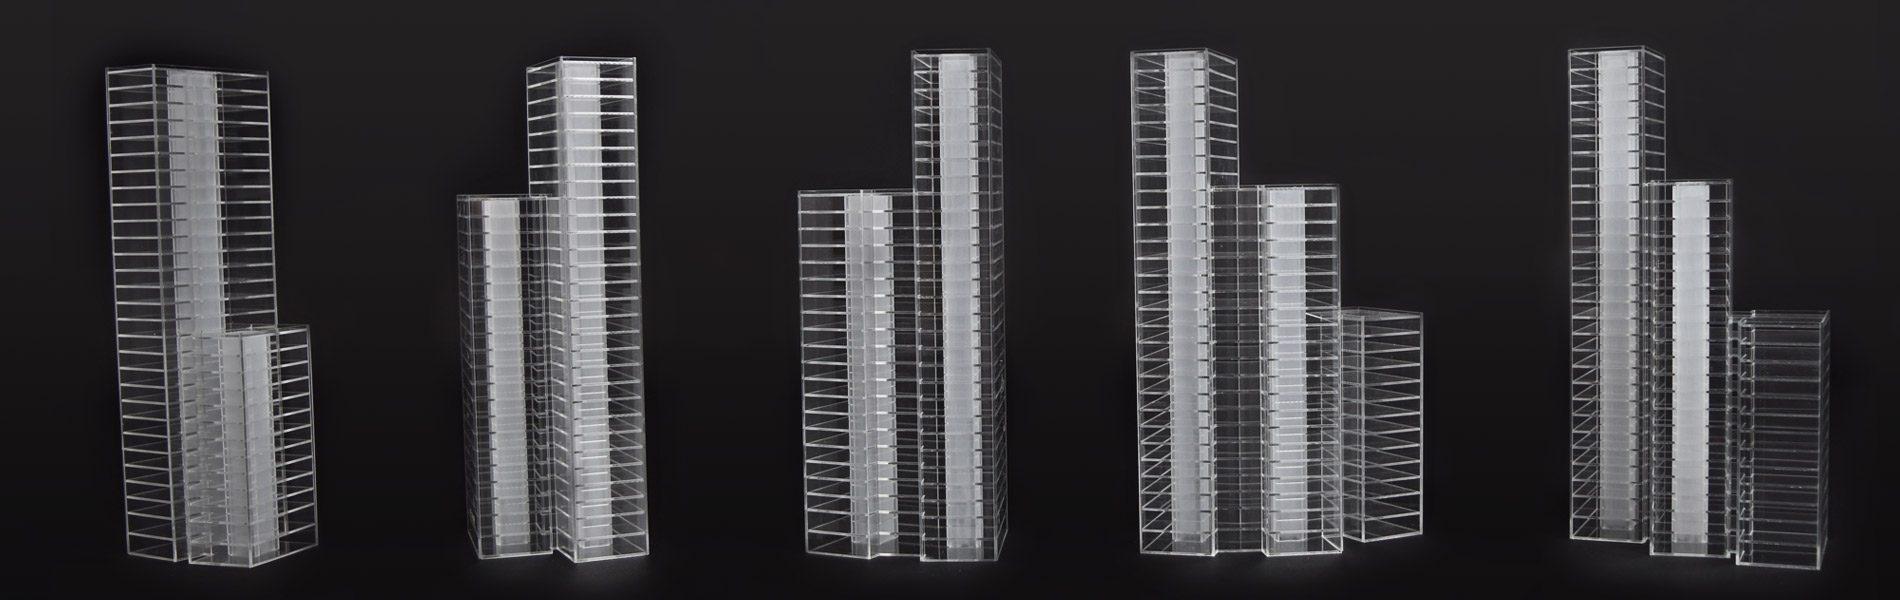 Perspex Towers